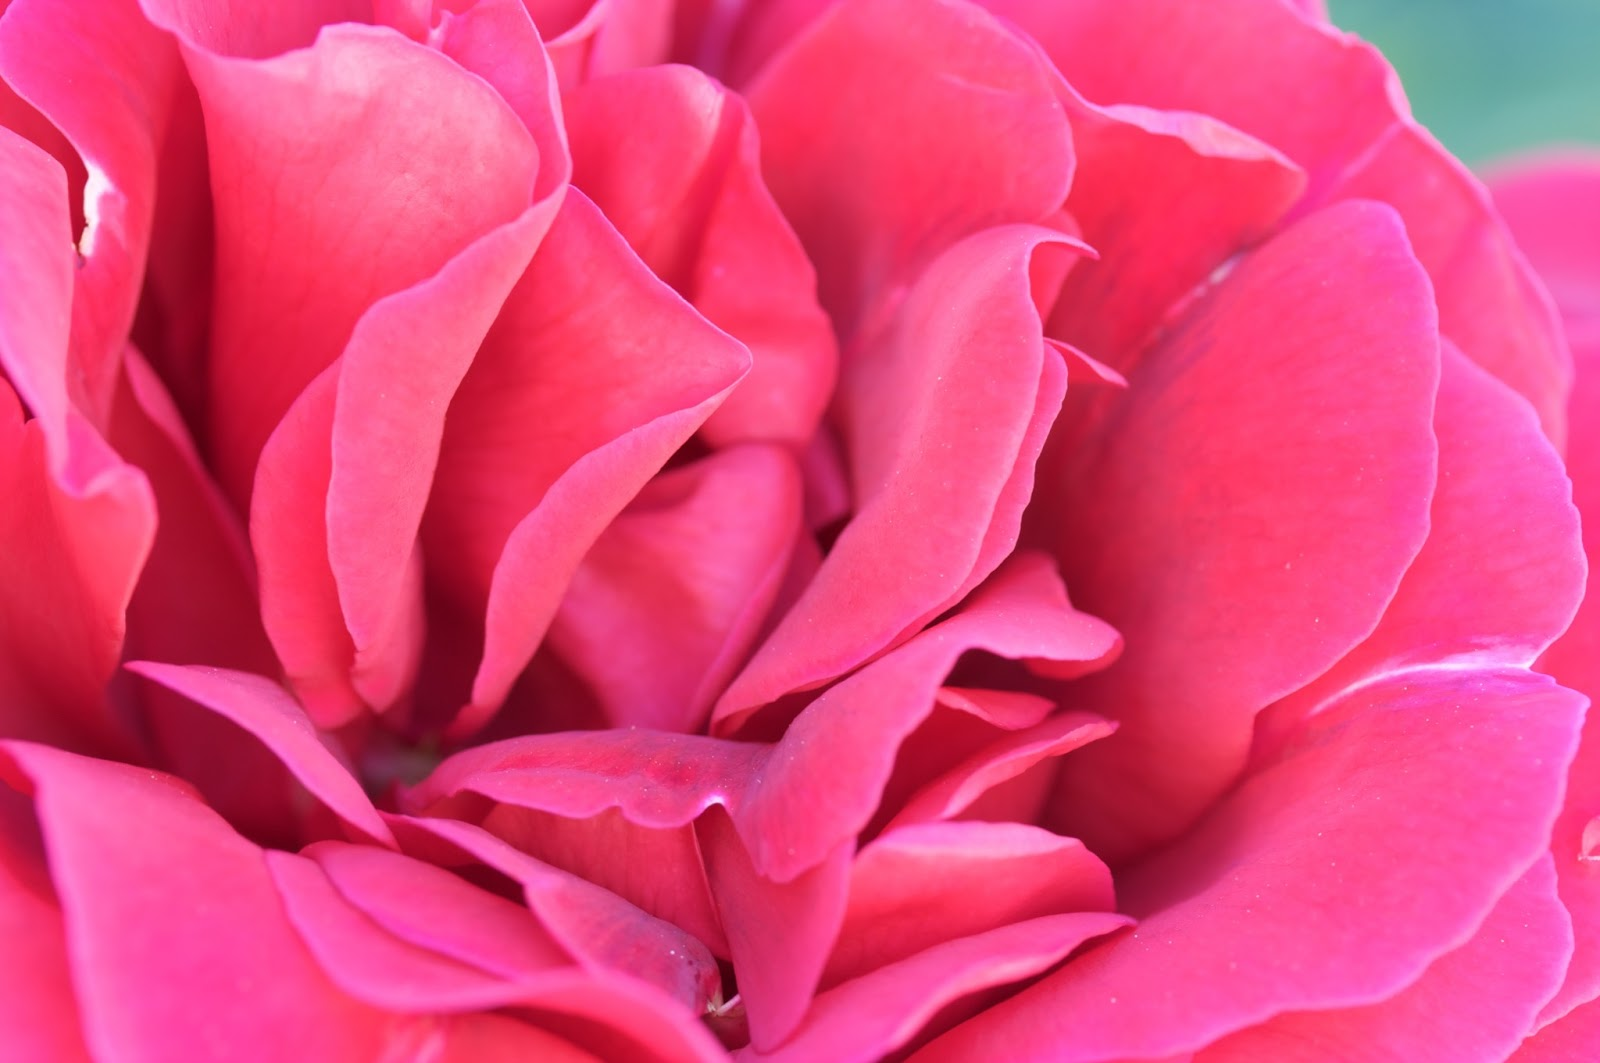 http://1.bp.blogspot.com/-PygvZtyFHLM/UR0gV3Nl3hI/AAAAAAAACAQ/oW8lfSbS7rk/s1600/Rosa_Pink_Rose.jpeg